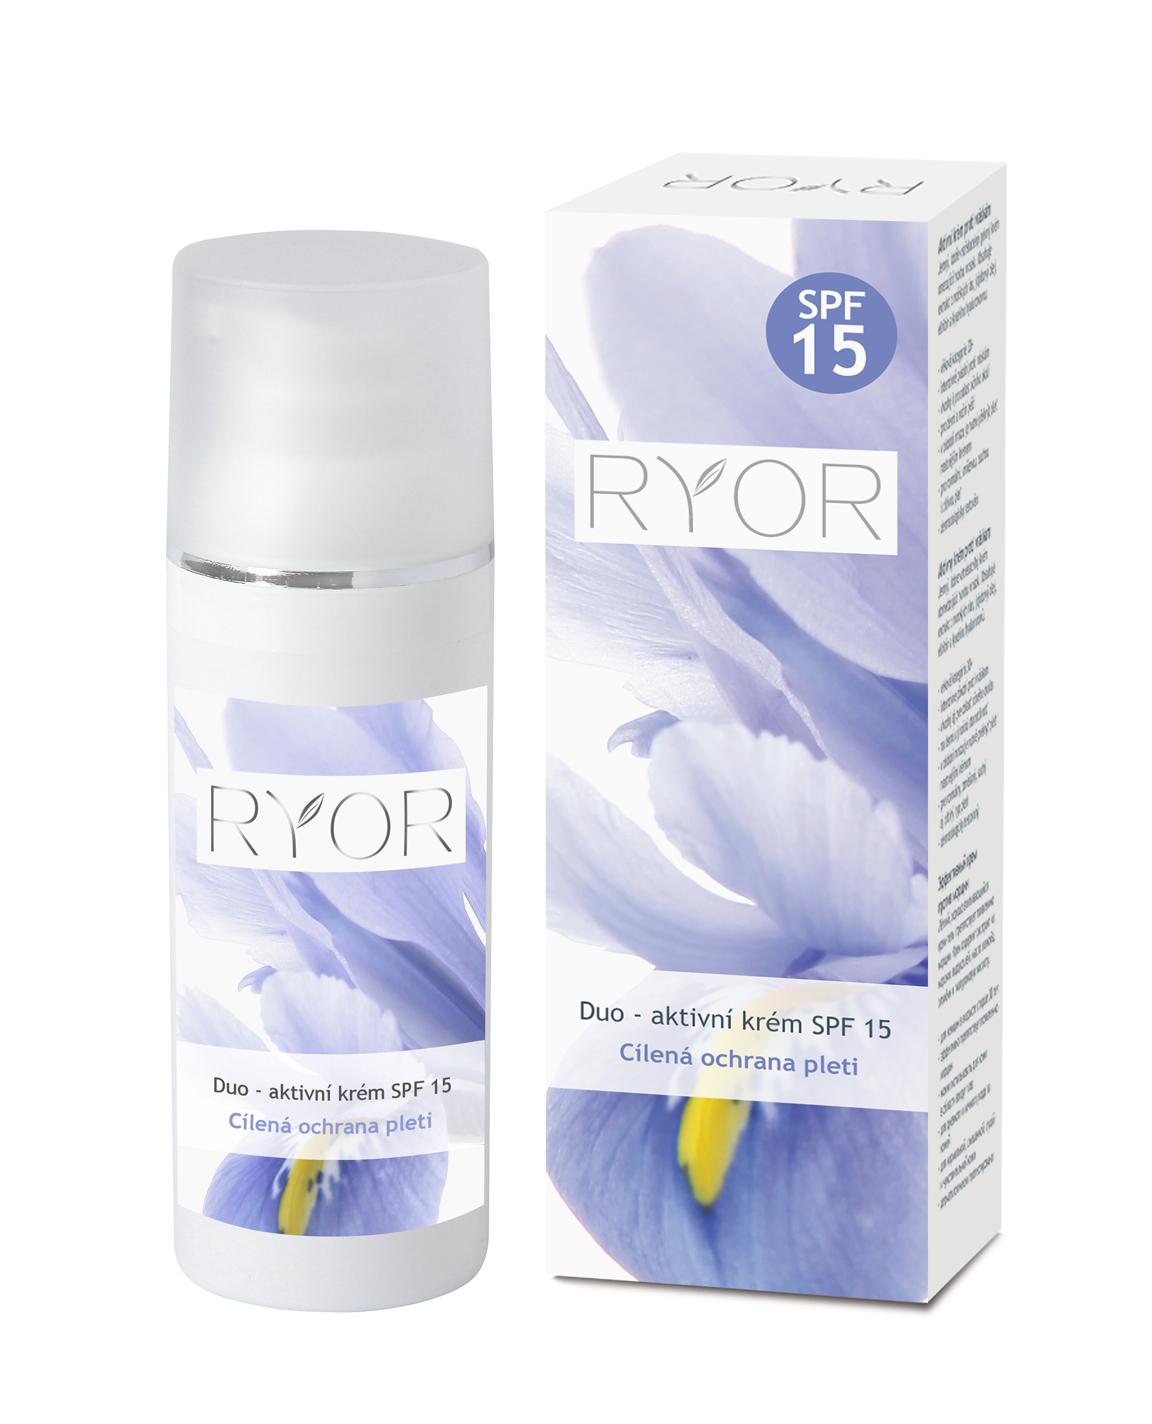 RYOR Duo - aktivní krém SPF 15 50ml